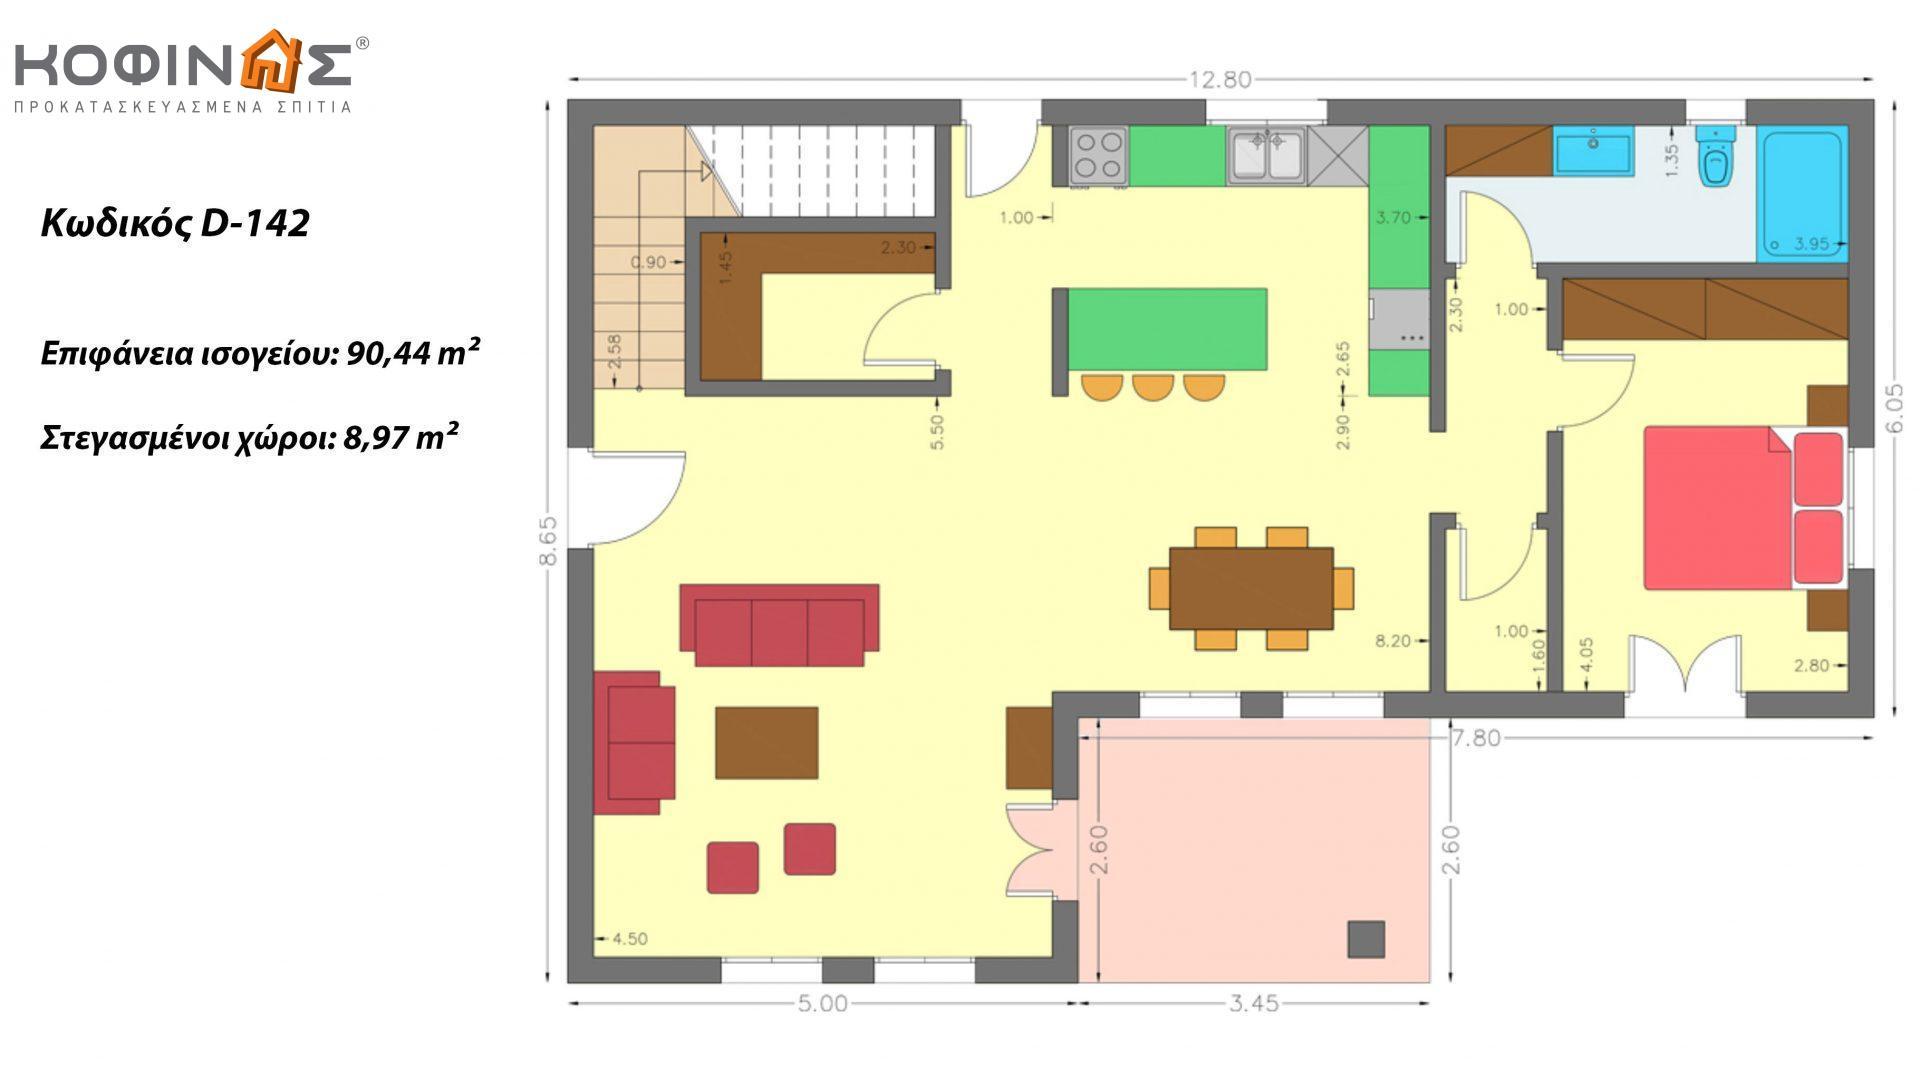 Διώροφη Κατοικία D-142, συνολικής επιφάνειας 142,47 τ.μ., συνολική επιφάνεια στεγασμένων χώρων 8.97 τ.μ., μπαλκόνια 38.41 τ.μ.